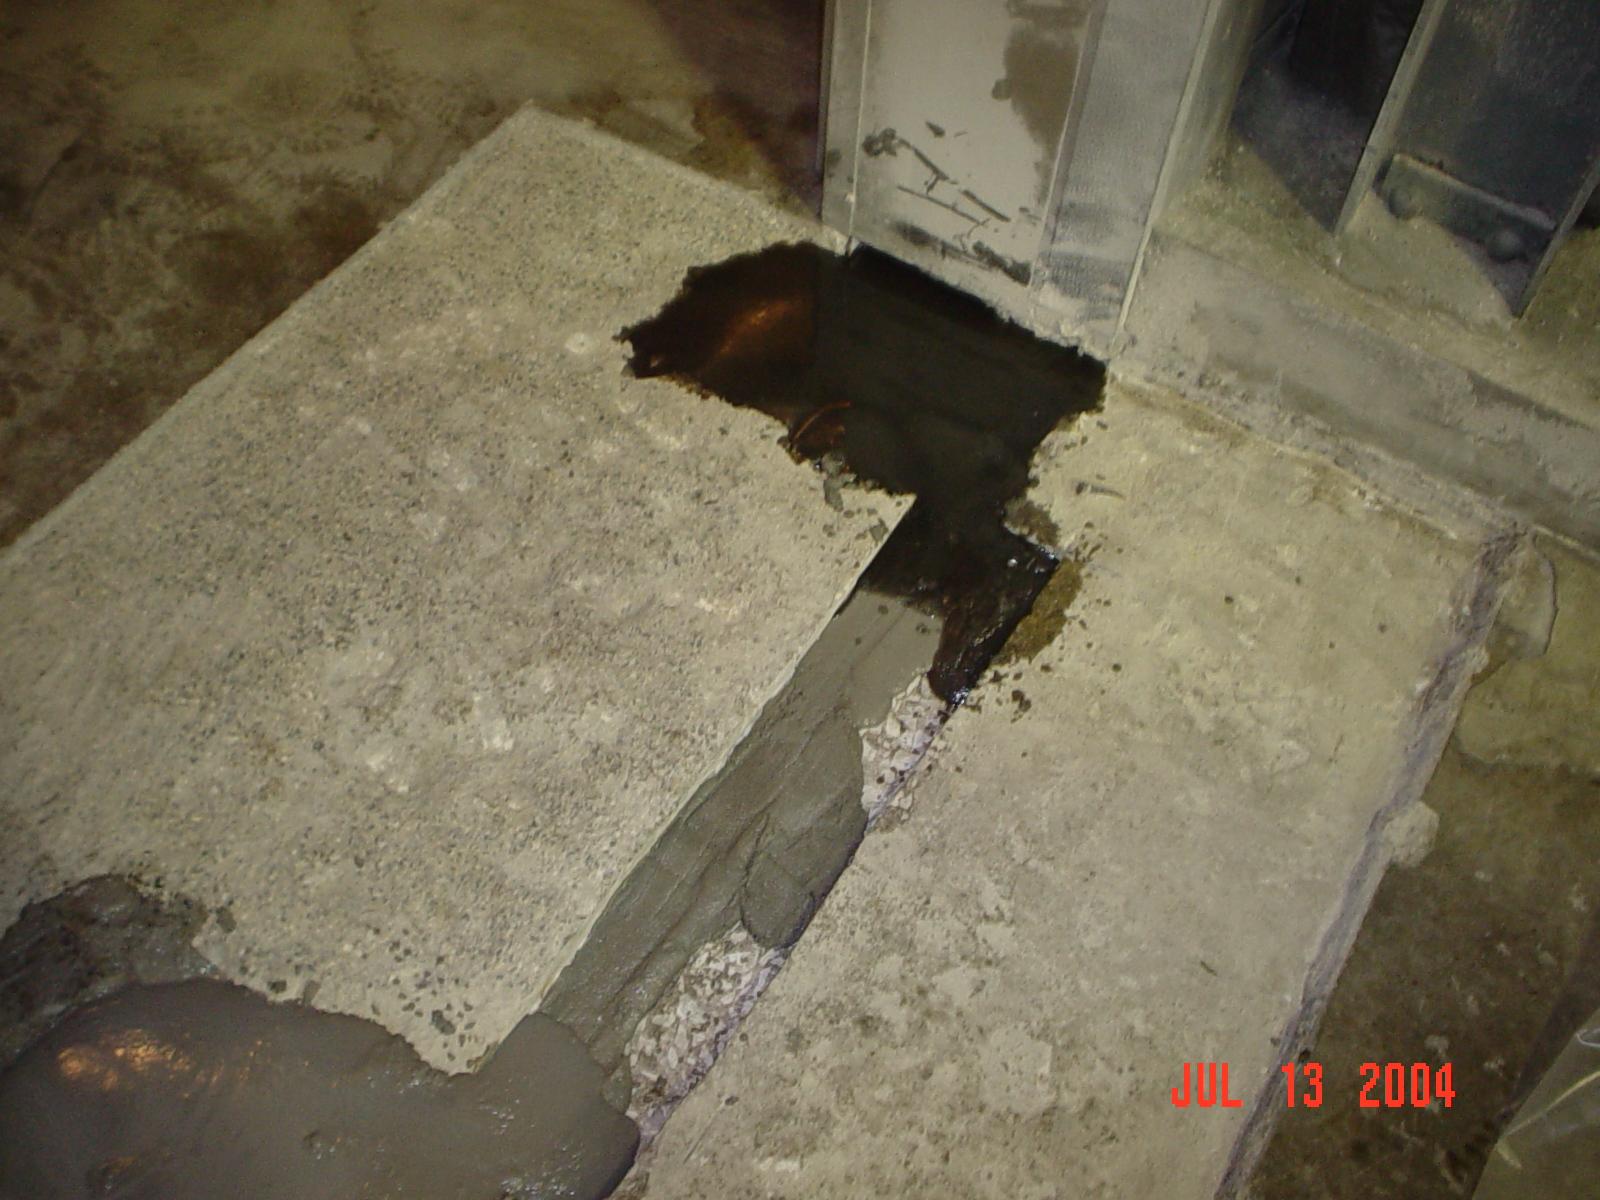 Freezer Threshold Repair Roadware Incorporated